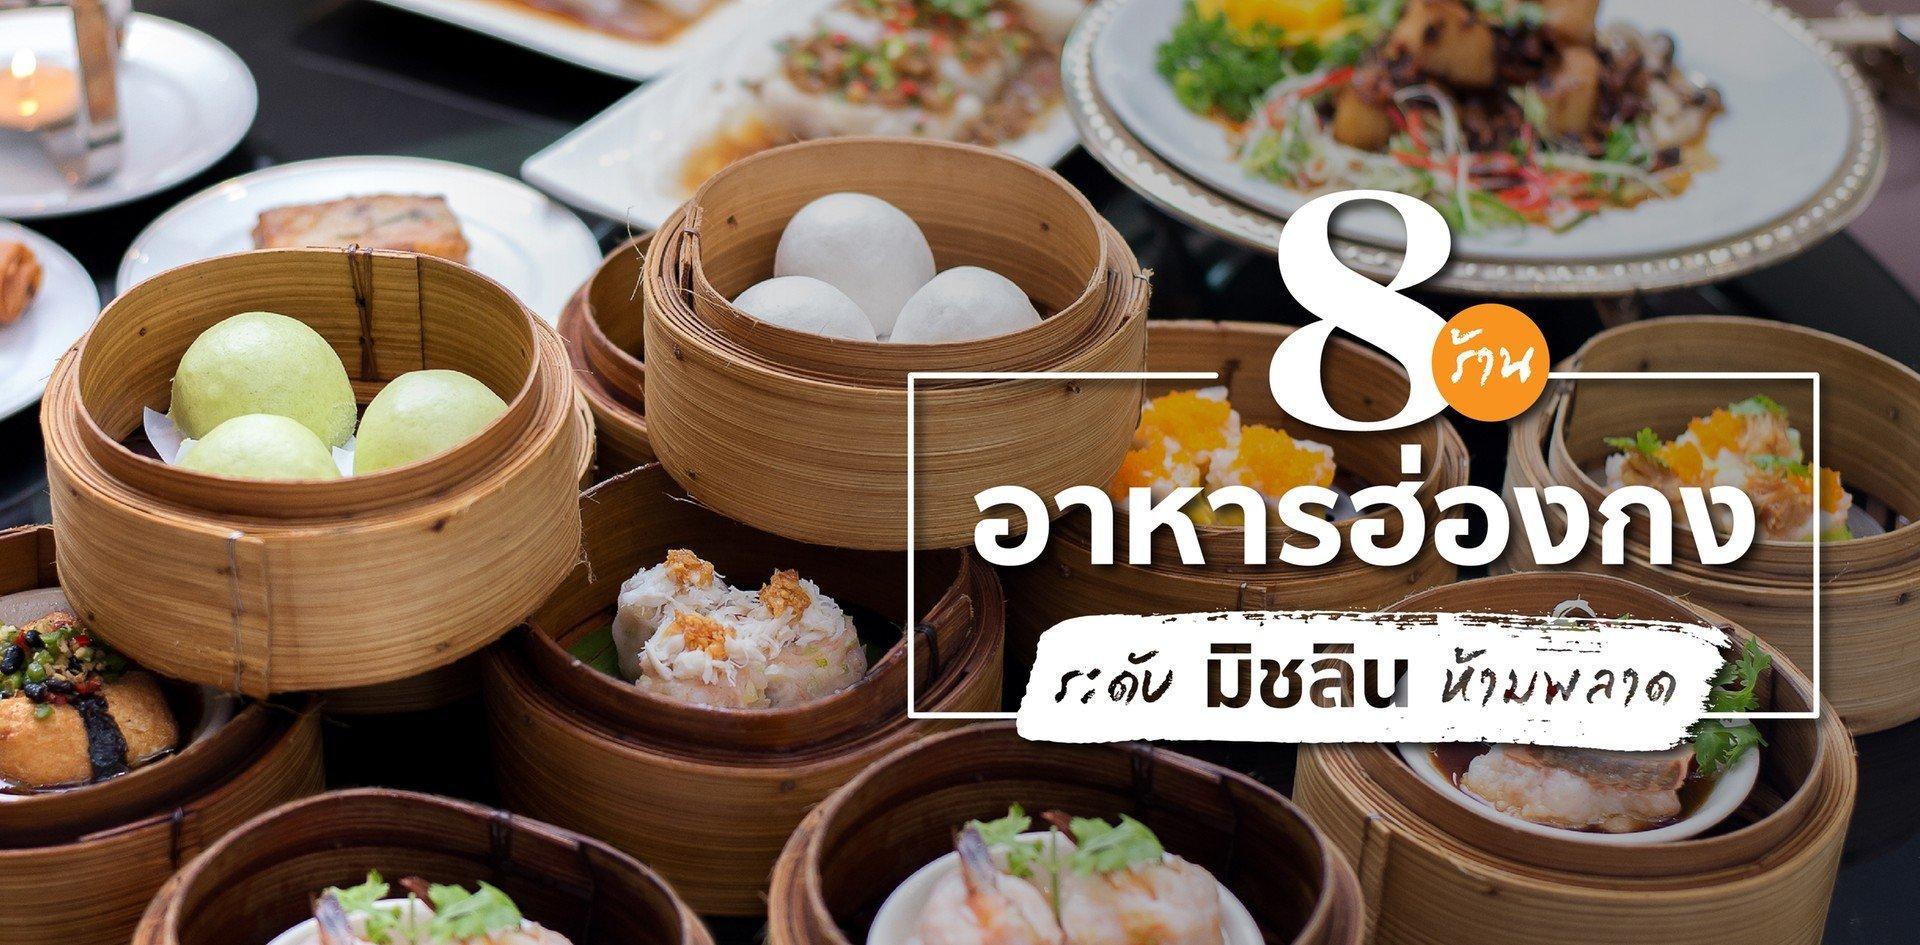 8 ร้านอาหารฮ่องกงระดับมิชลิน นักกินตัวจริงต้องห้ามพลาด!